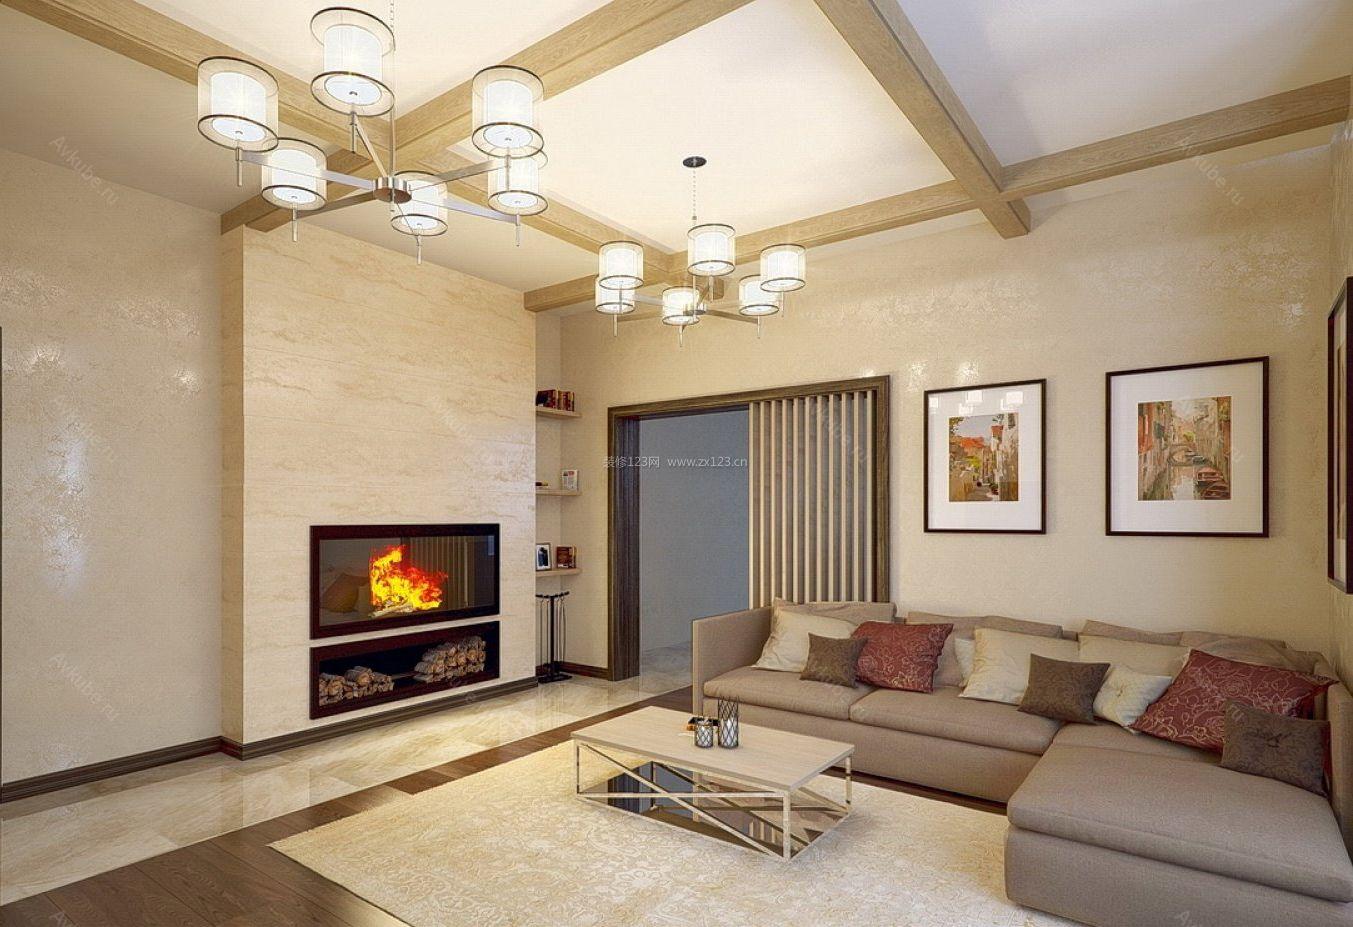 现代家庭别墅室内壁炉设计图片2018